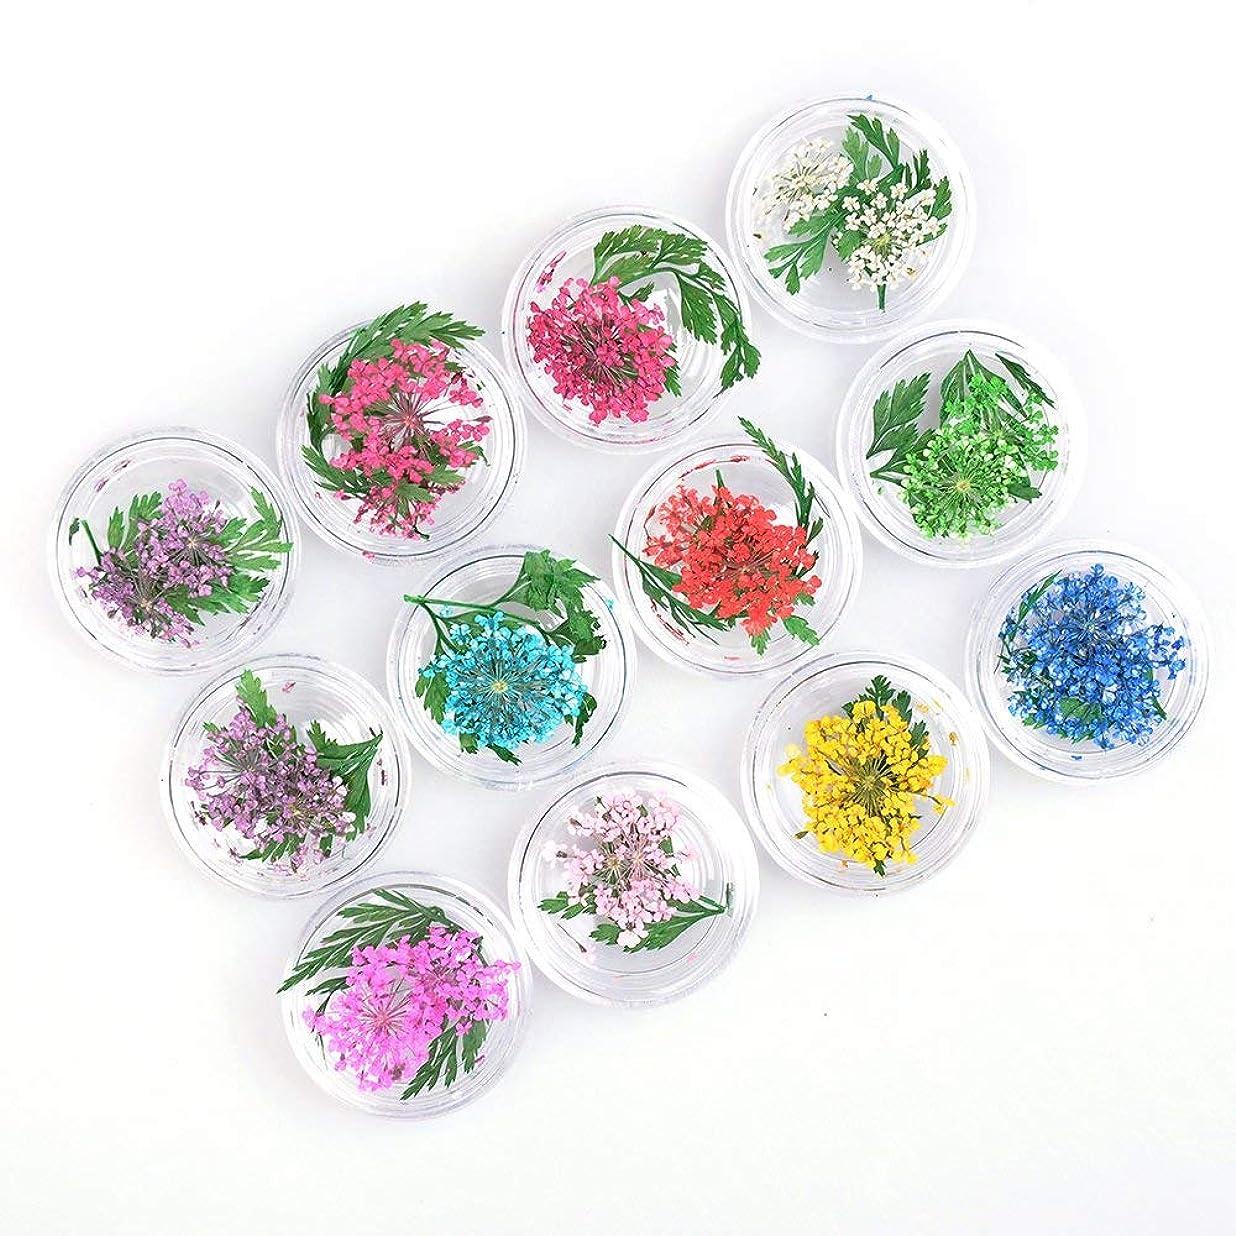 各起きる眠る押し花 ドライフラワー 葉 3Dネイル レジンデコレーション 12種 色